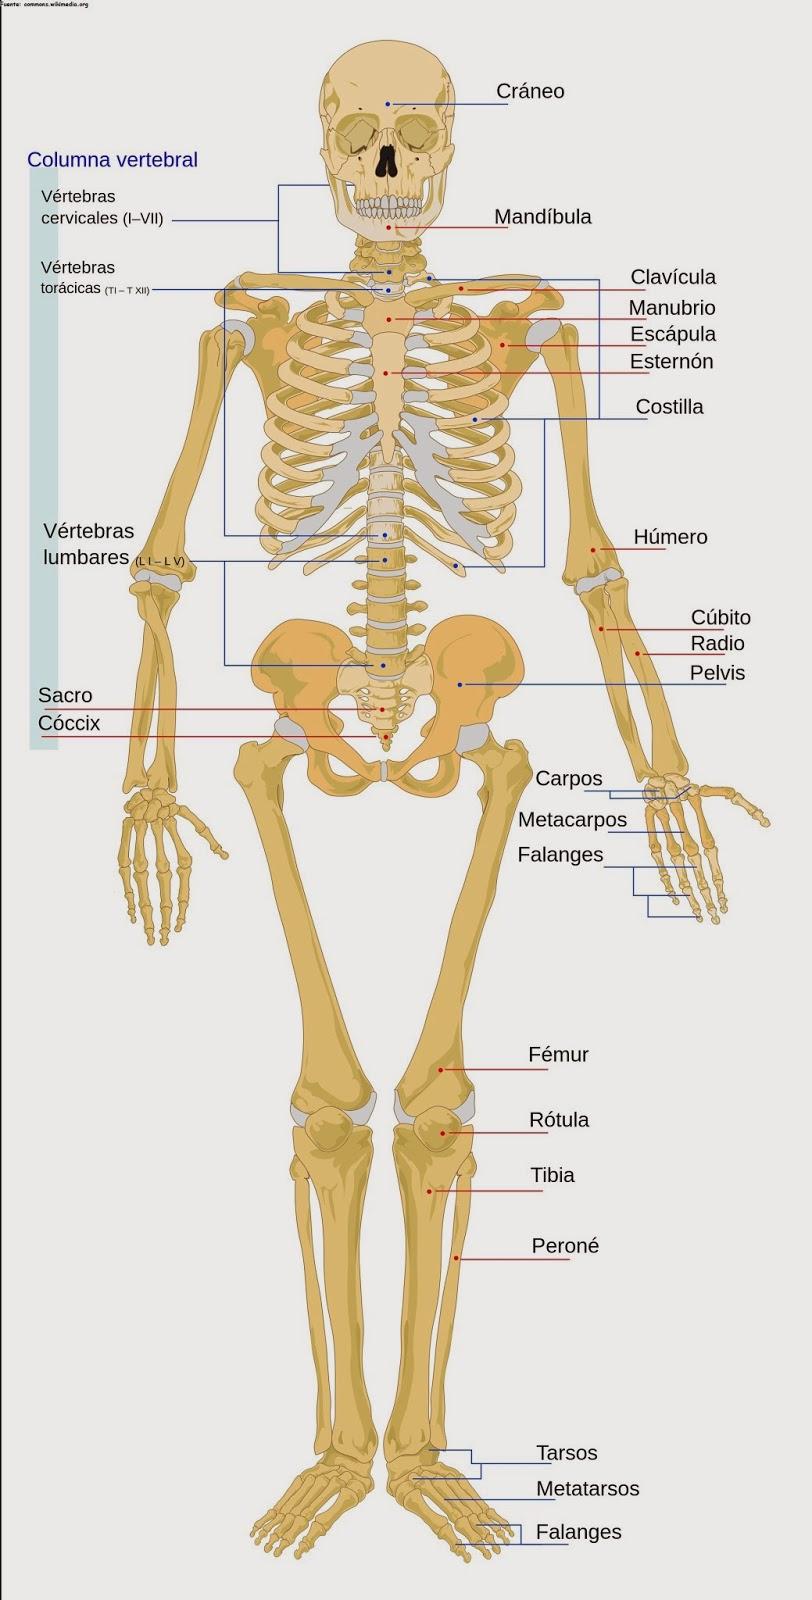 Bonito Definición Anatomía Sistémica Imagen - Anatomía y Fisiología ...